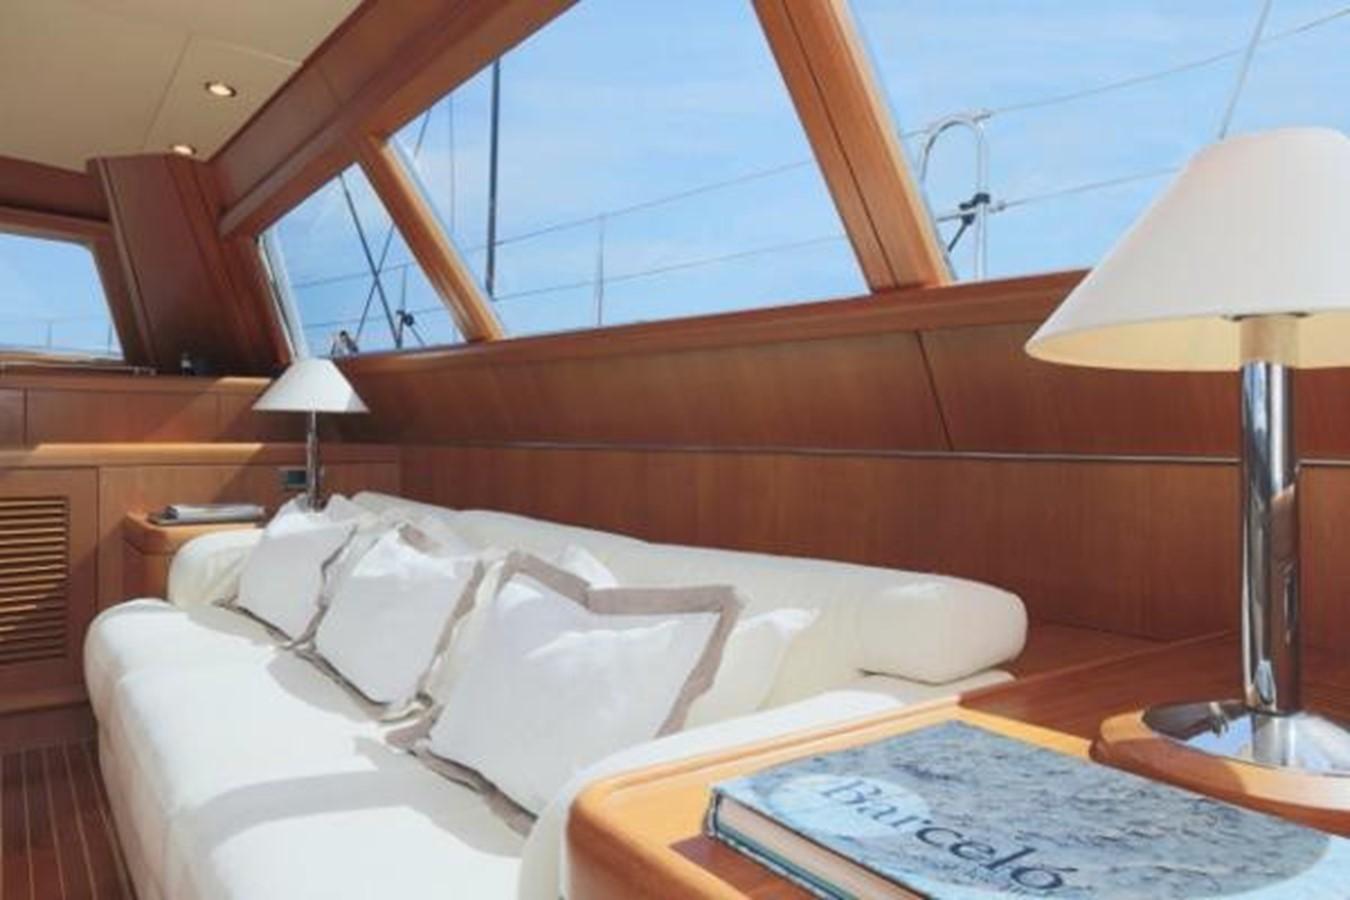 1999 NAUTOR'S SWAN 112 -01 Cruiser 2448227